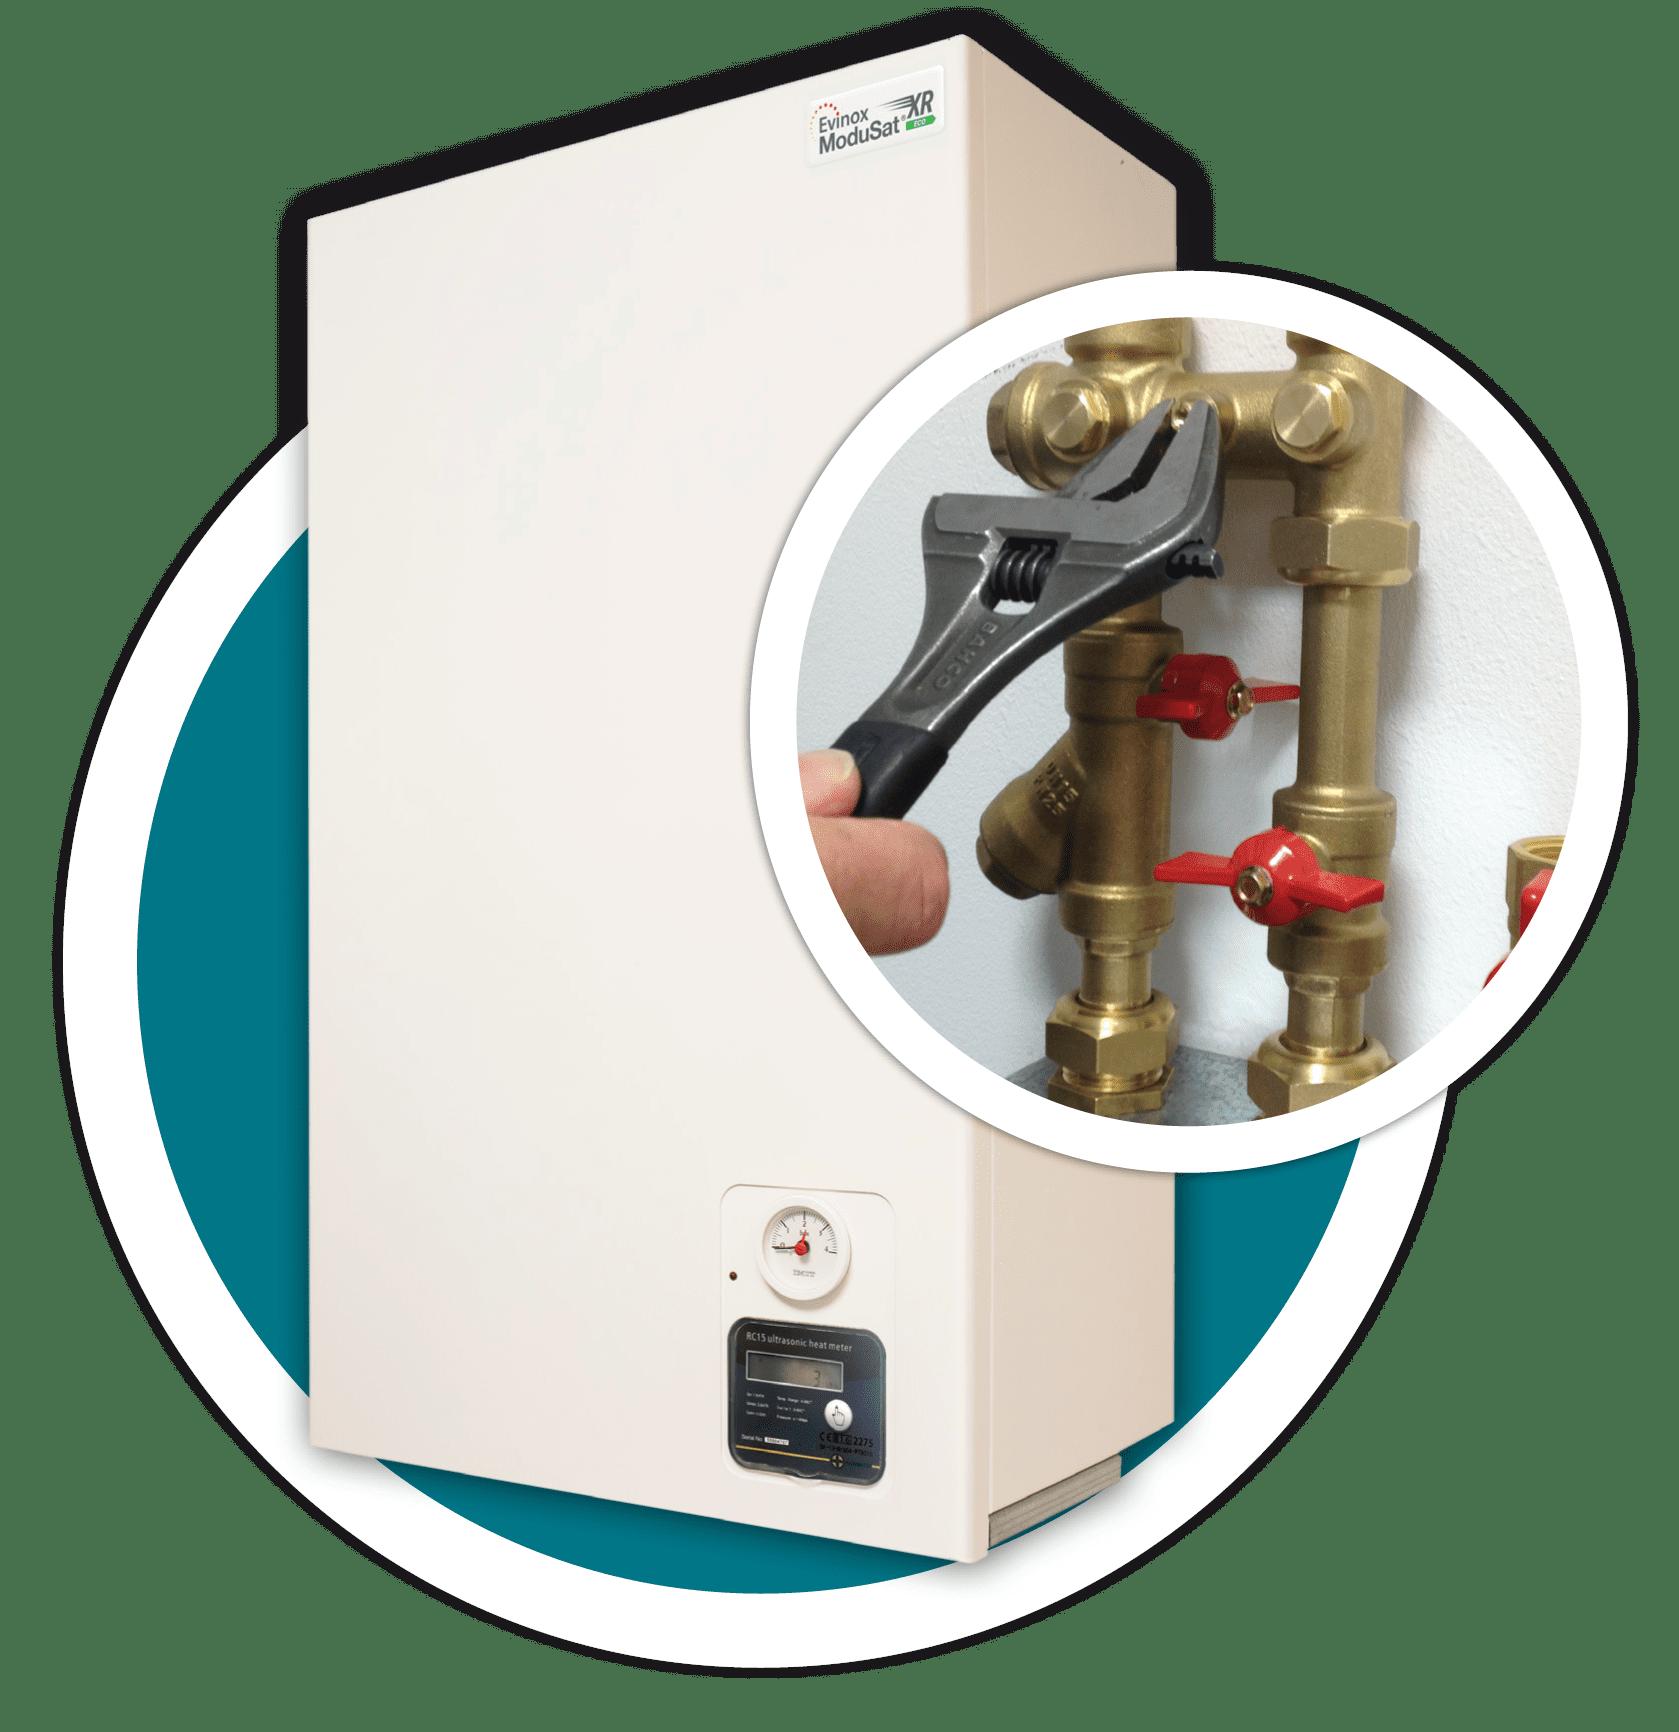 heat interface unit service and maintenance